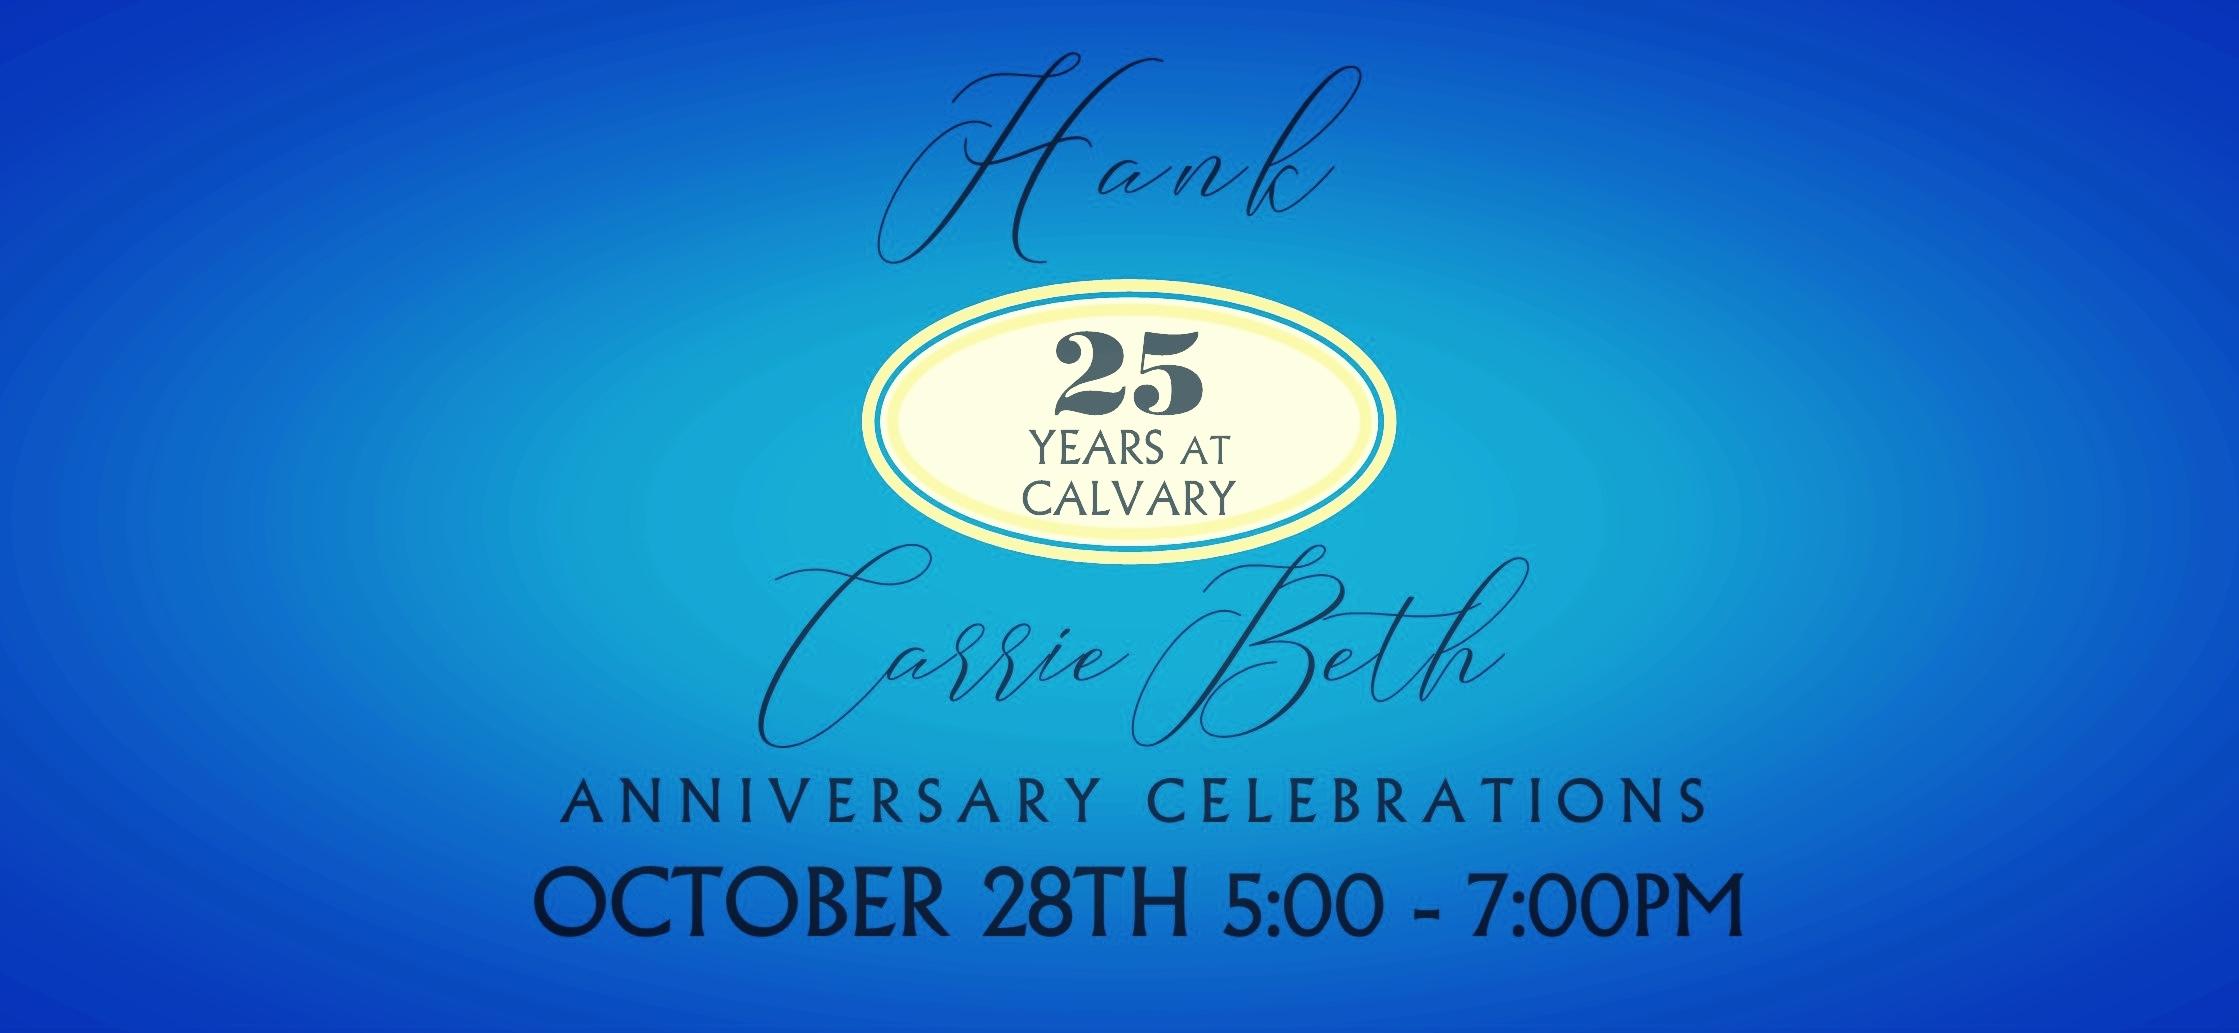 Hank CB 25 Anniversary wp 092518.jpg